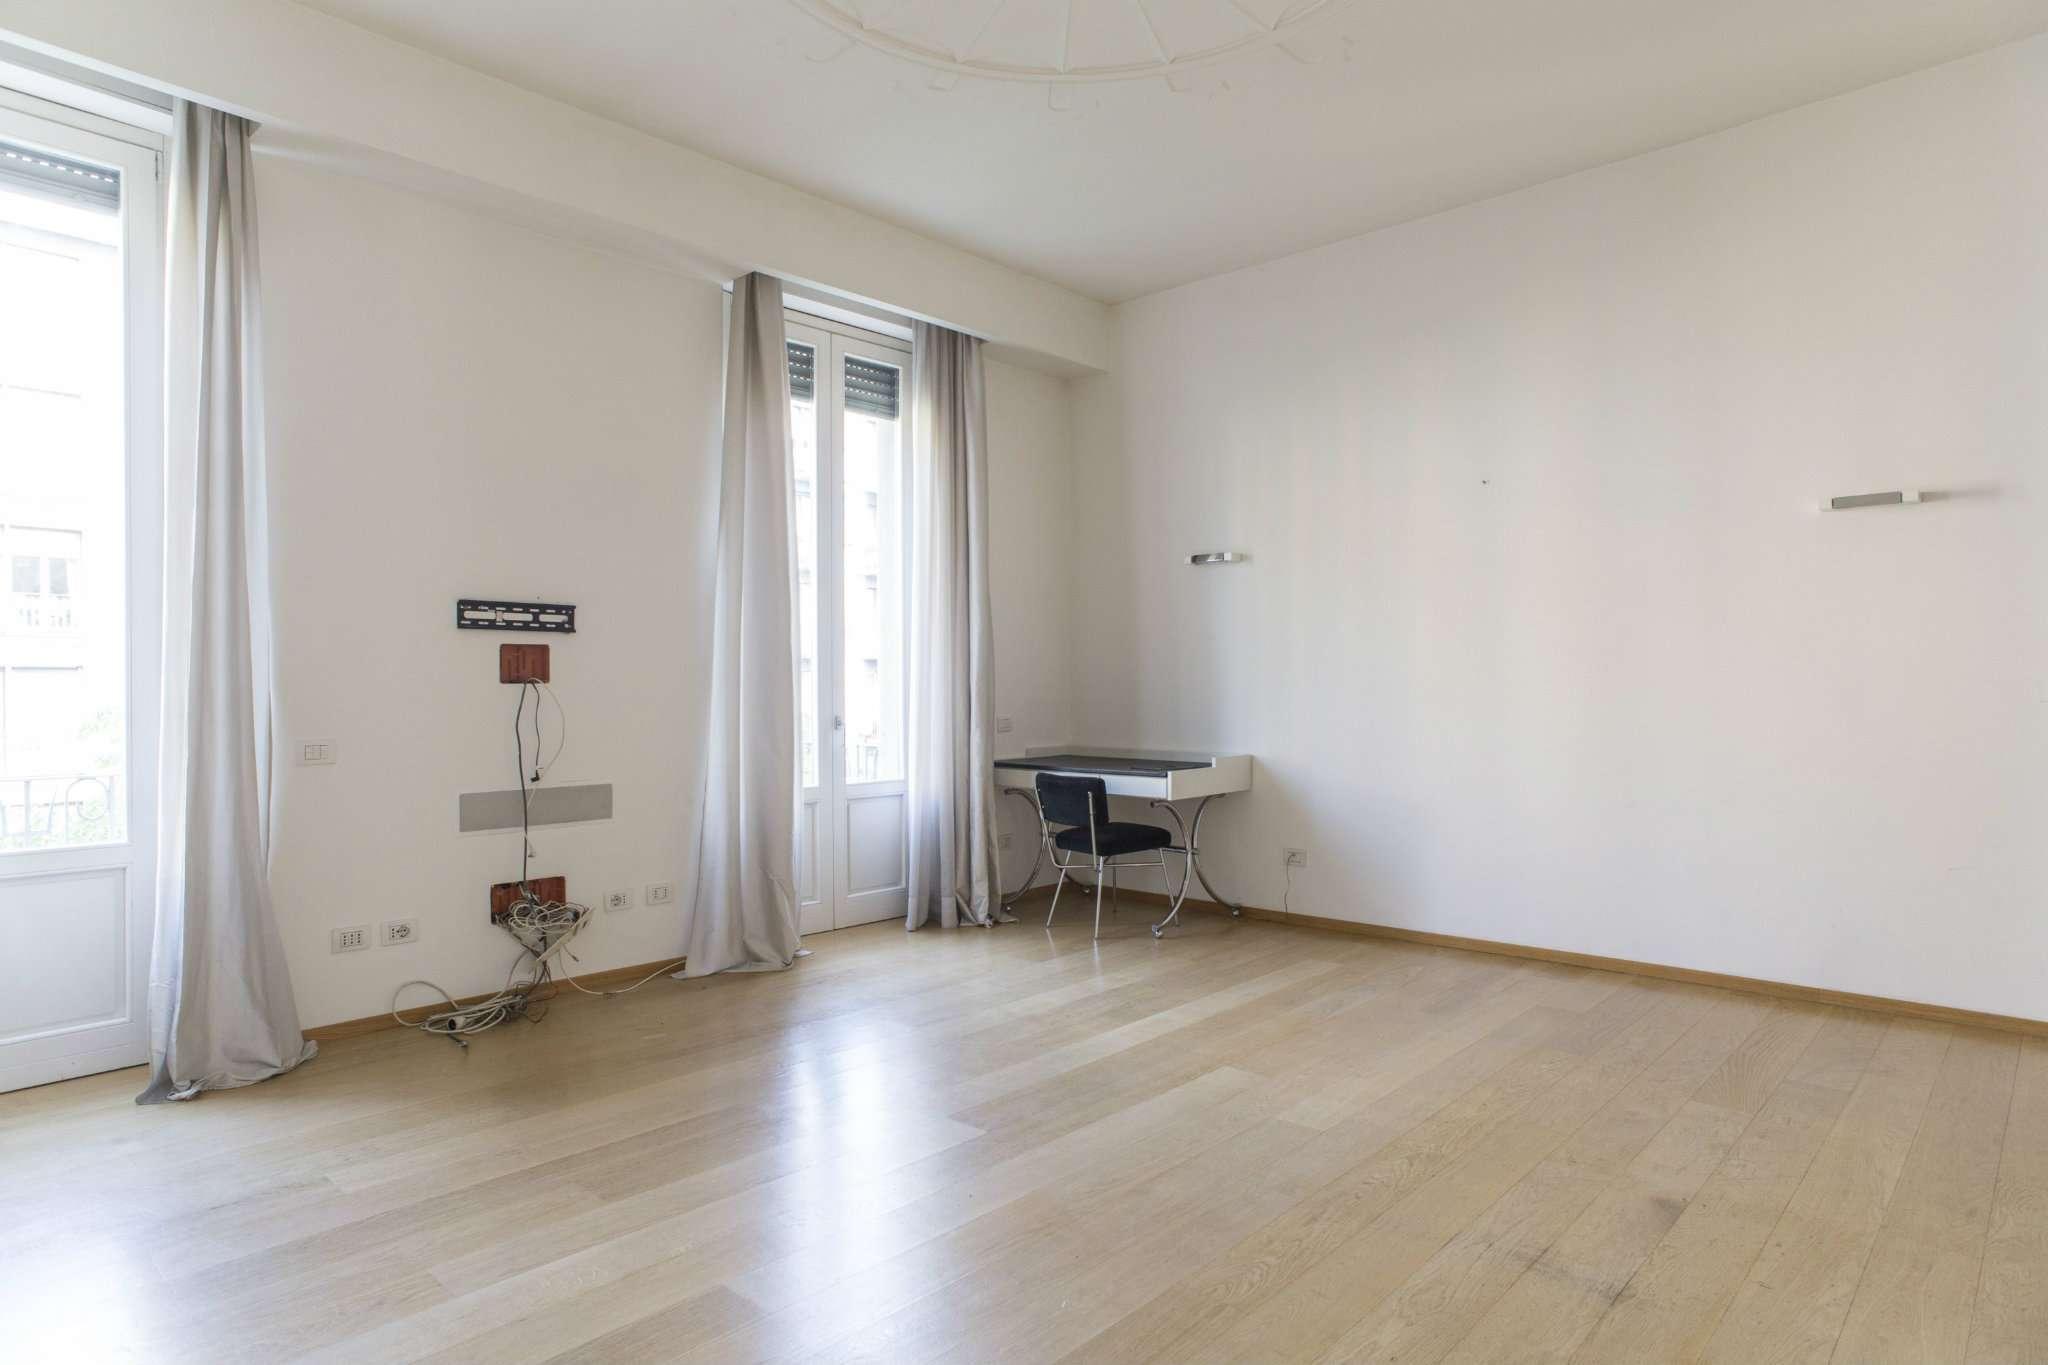 Appartamento in vendita a Milano, 4 locali, zona Zona: 15 . Fiera, Firenze, Sempione, Pagano, Amendola, Paolo Sarpi, Arena, prezzo € 880.000 | Cambio Casa.it